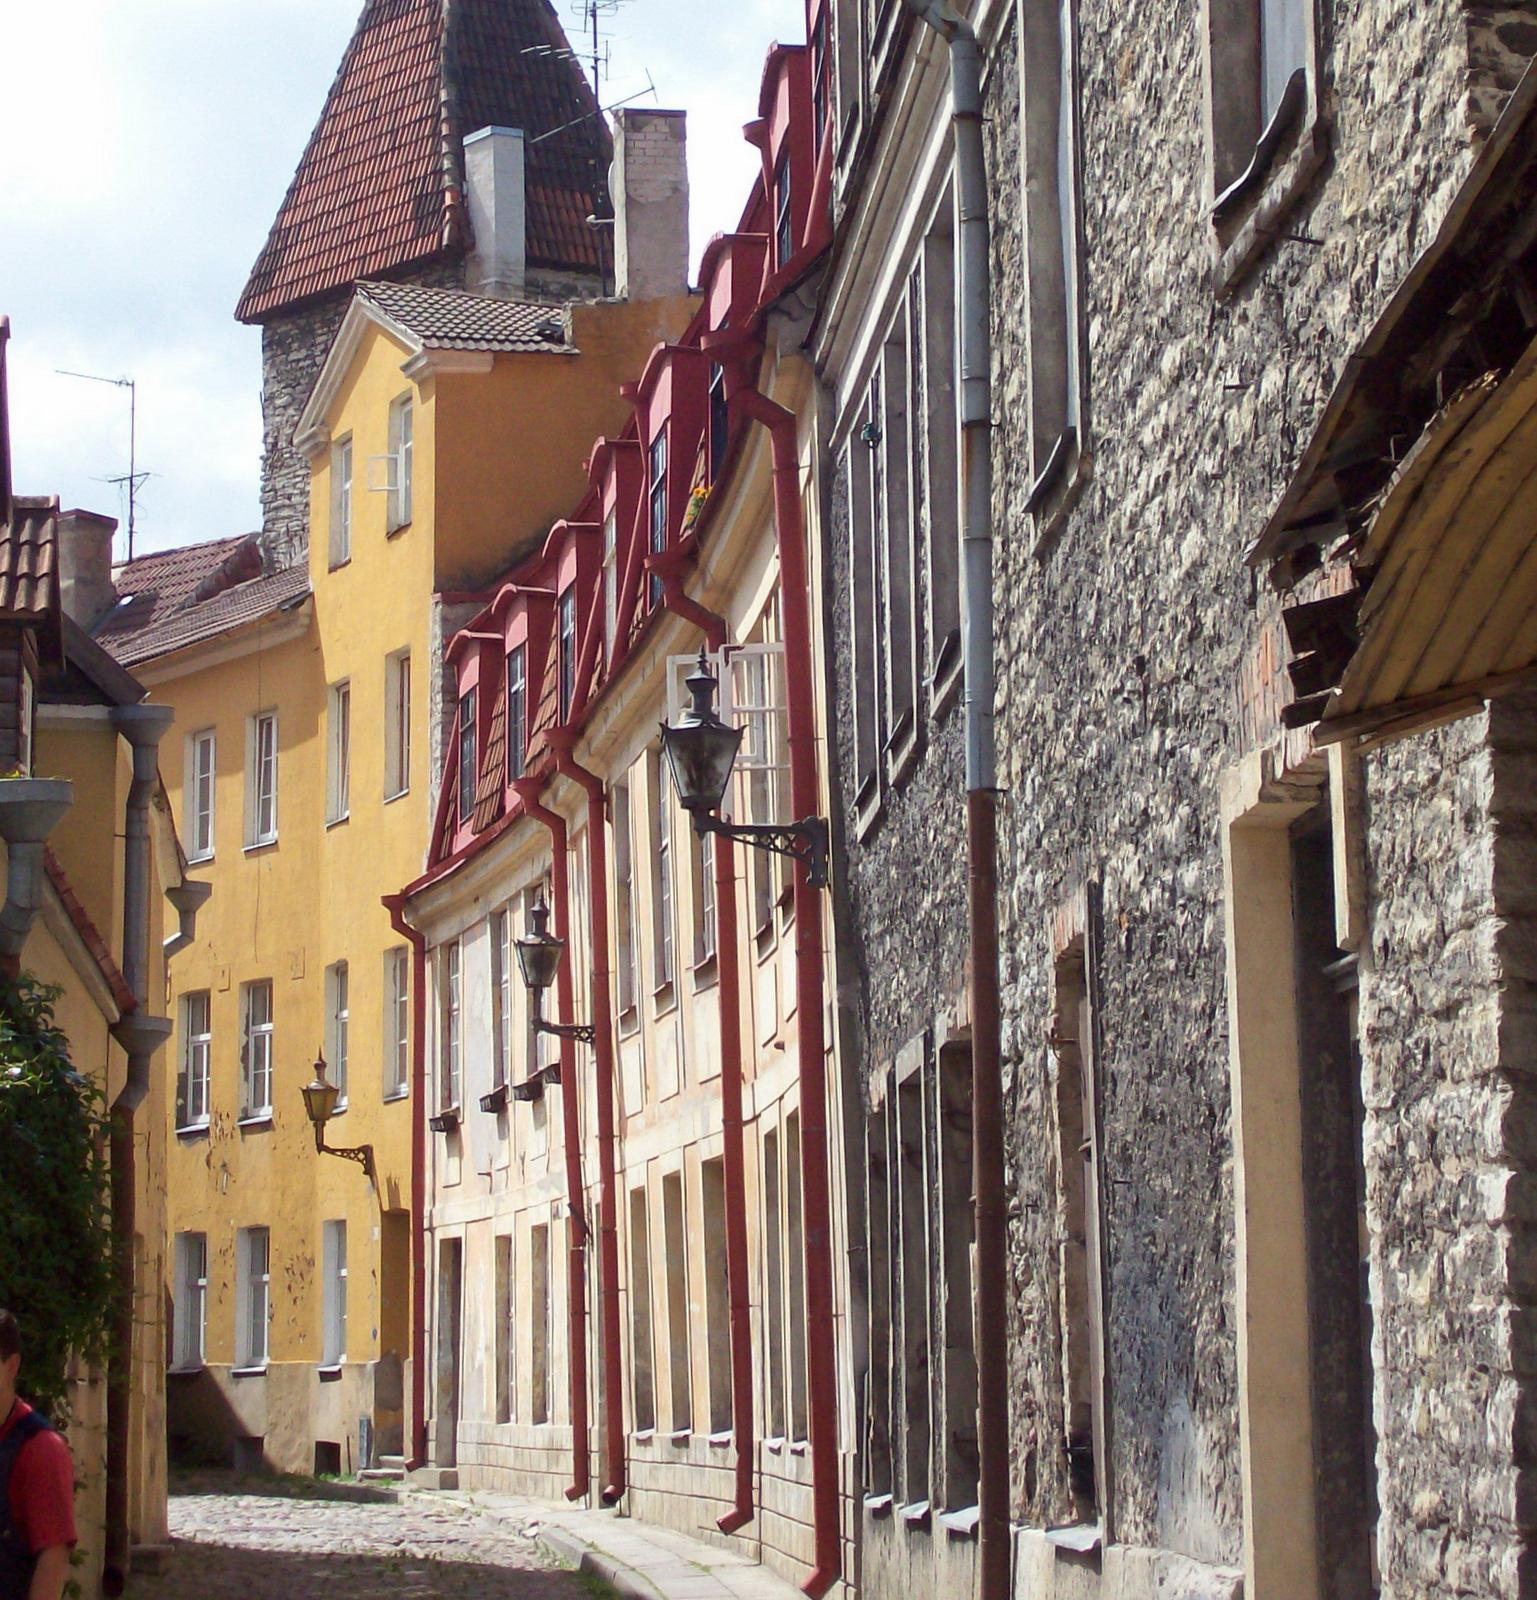 Gümnaasiumi Kooli Tallinn